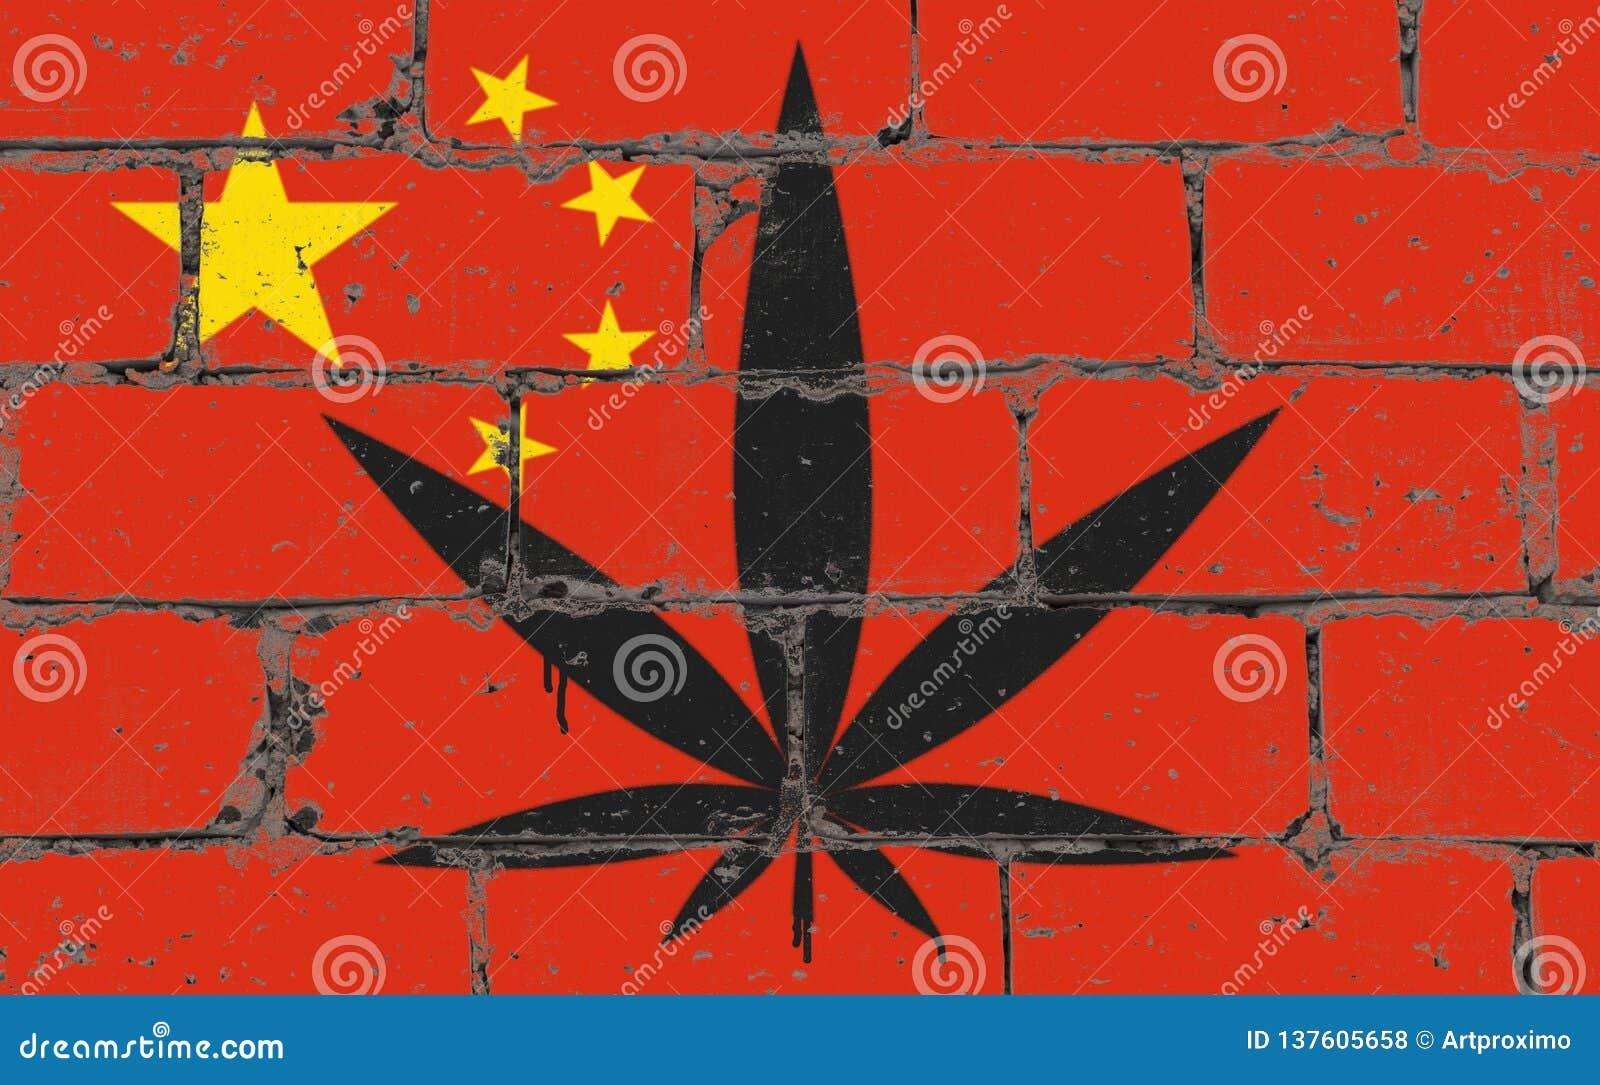 街道画街道艺术在钢板蜡纸的浪花图画 在砖墙上的大麻叶子有旗子的中国